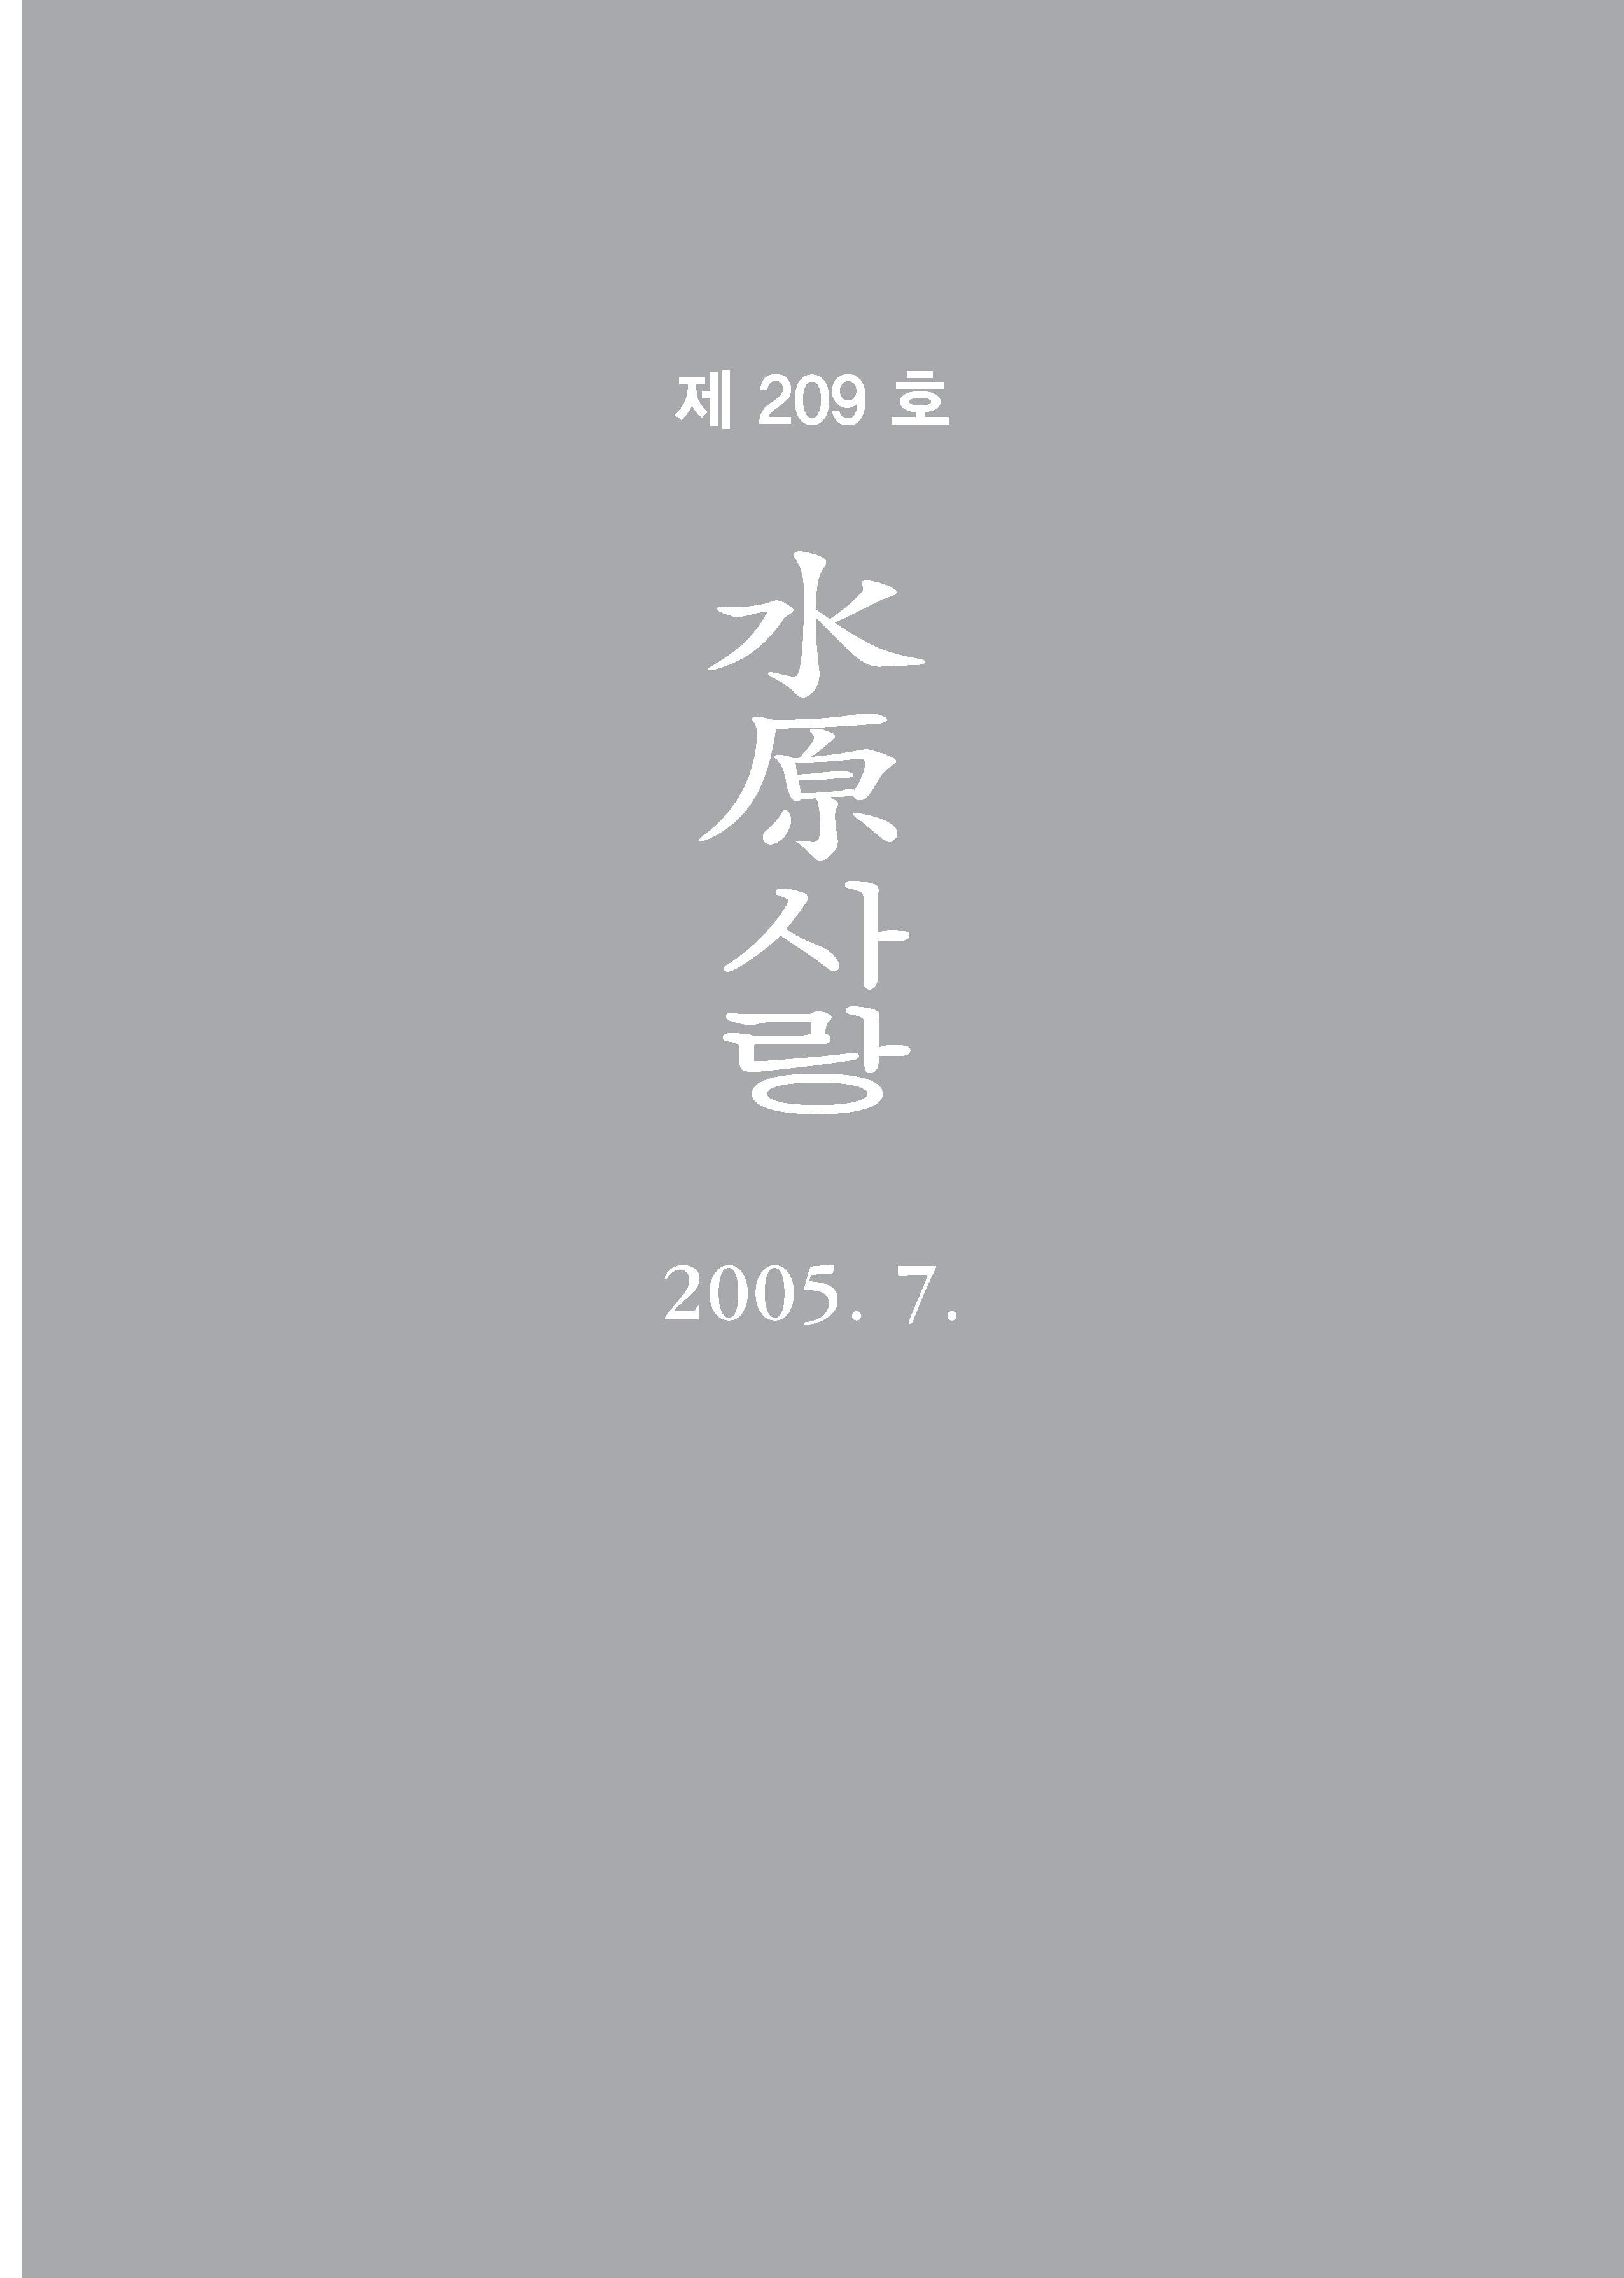 수원사랑 209호